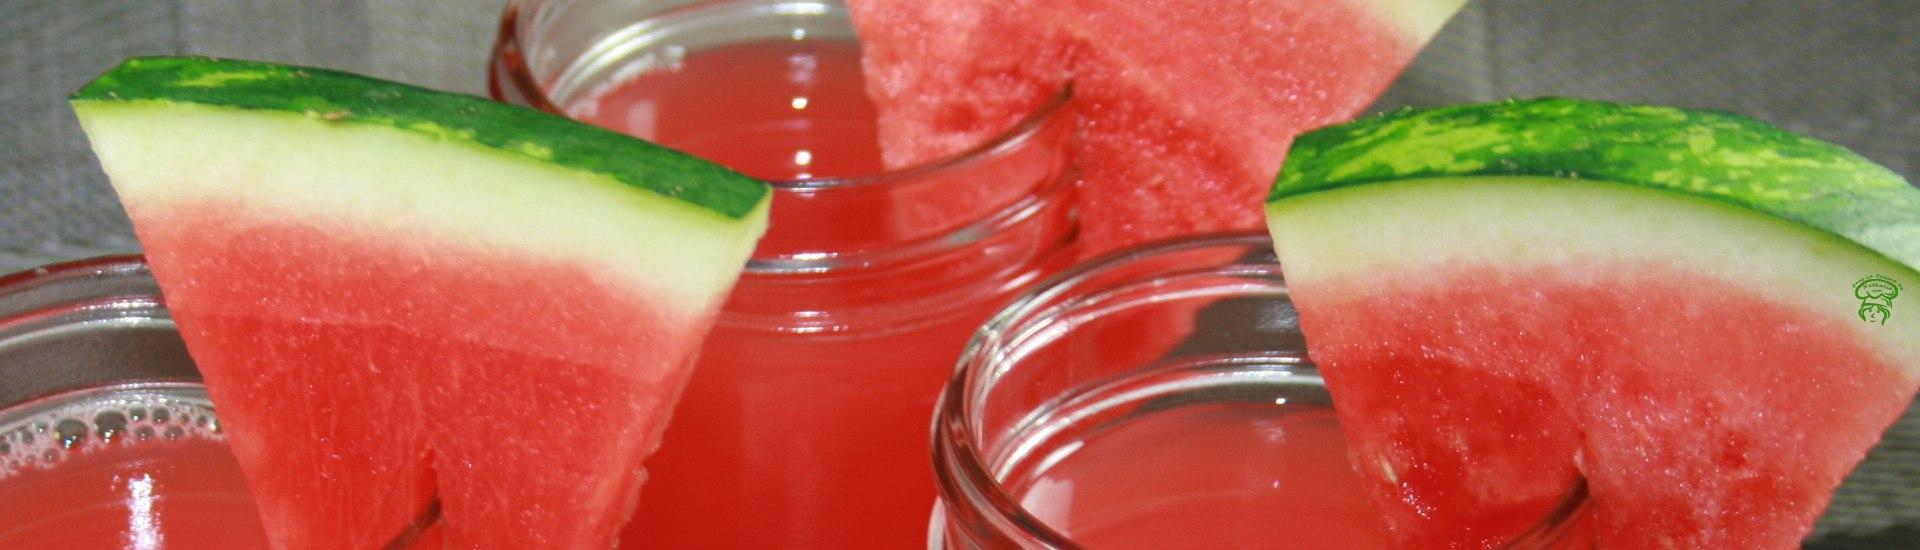 Jus de melon d'eau